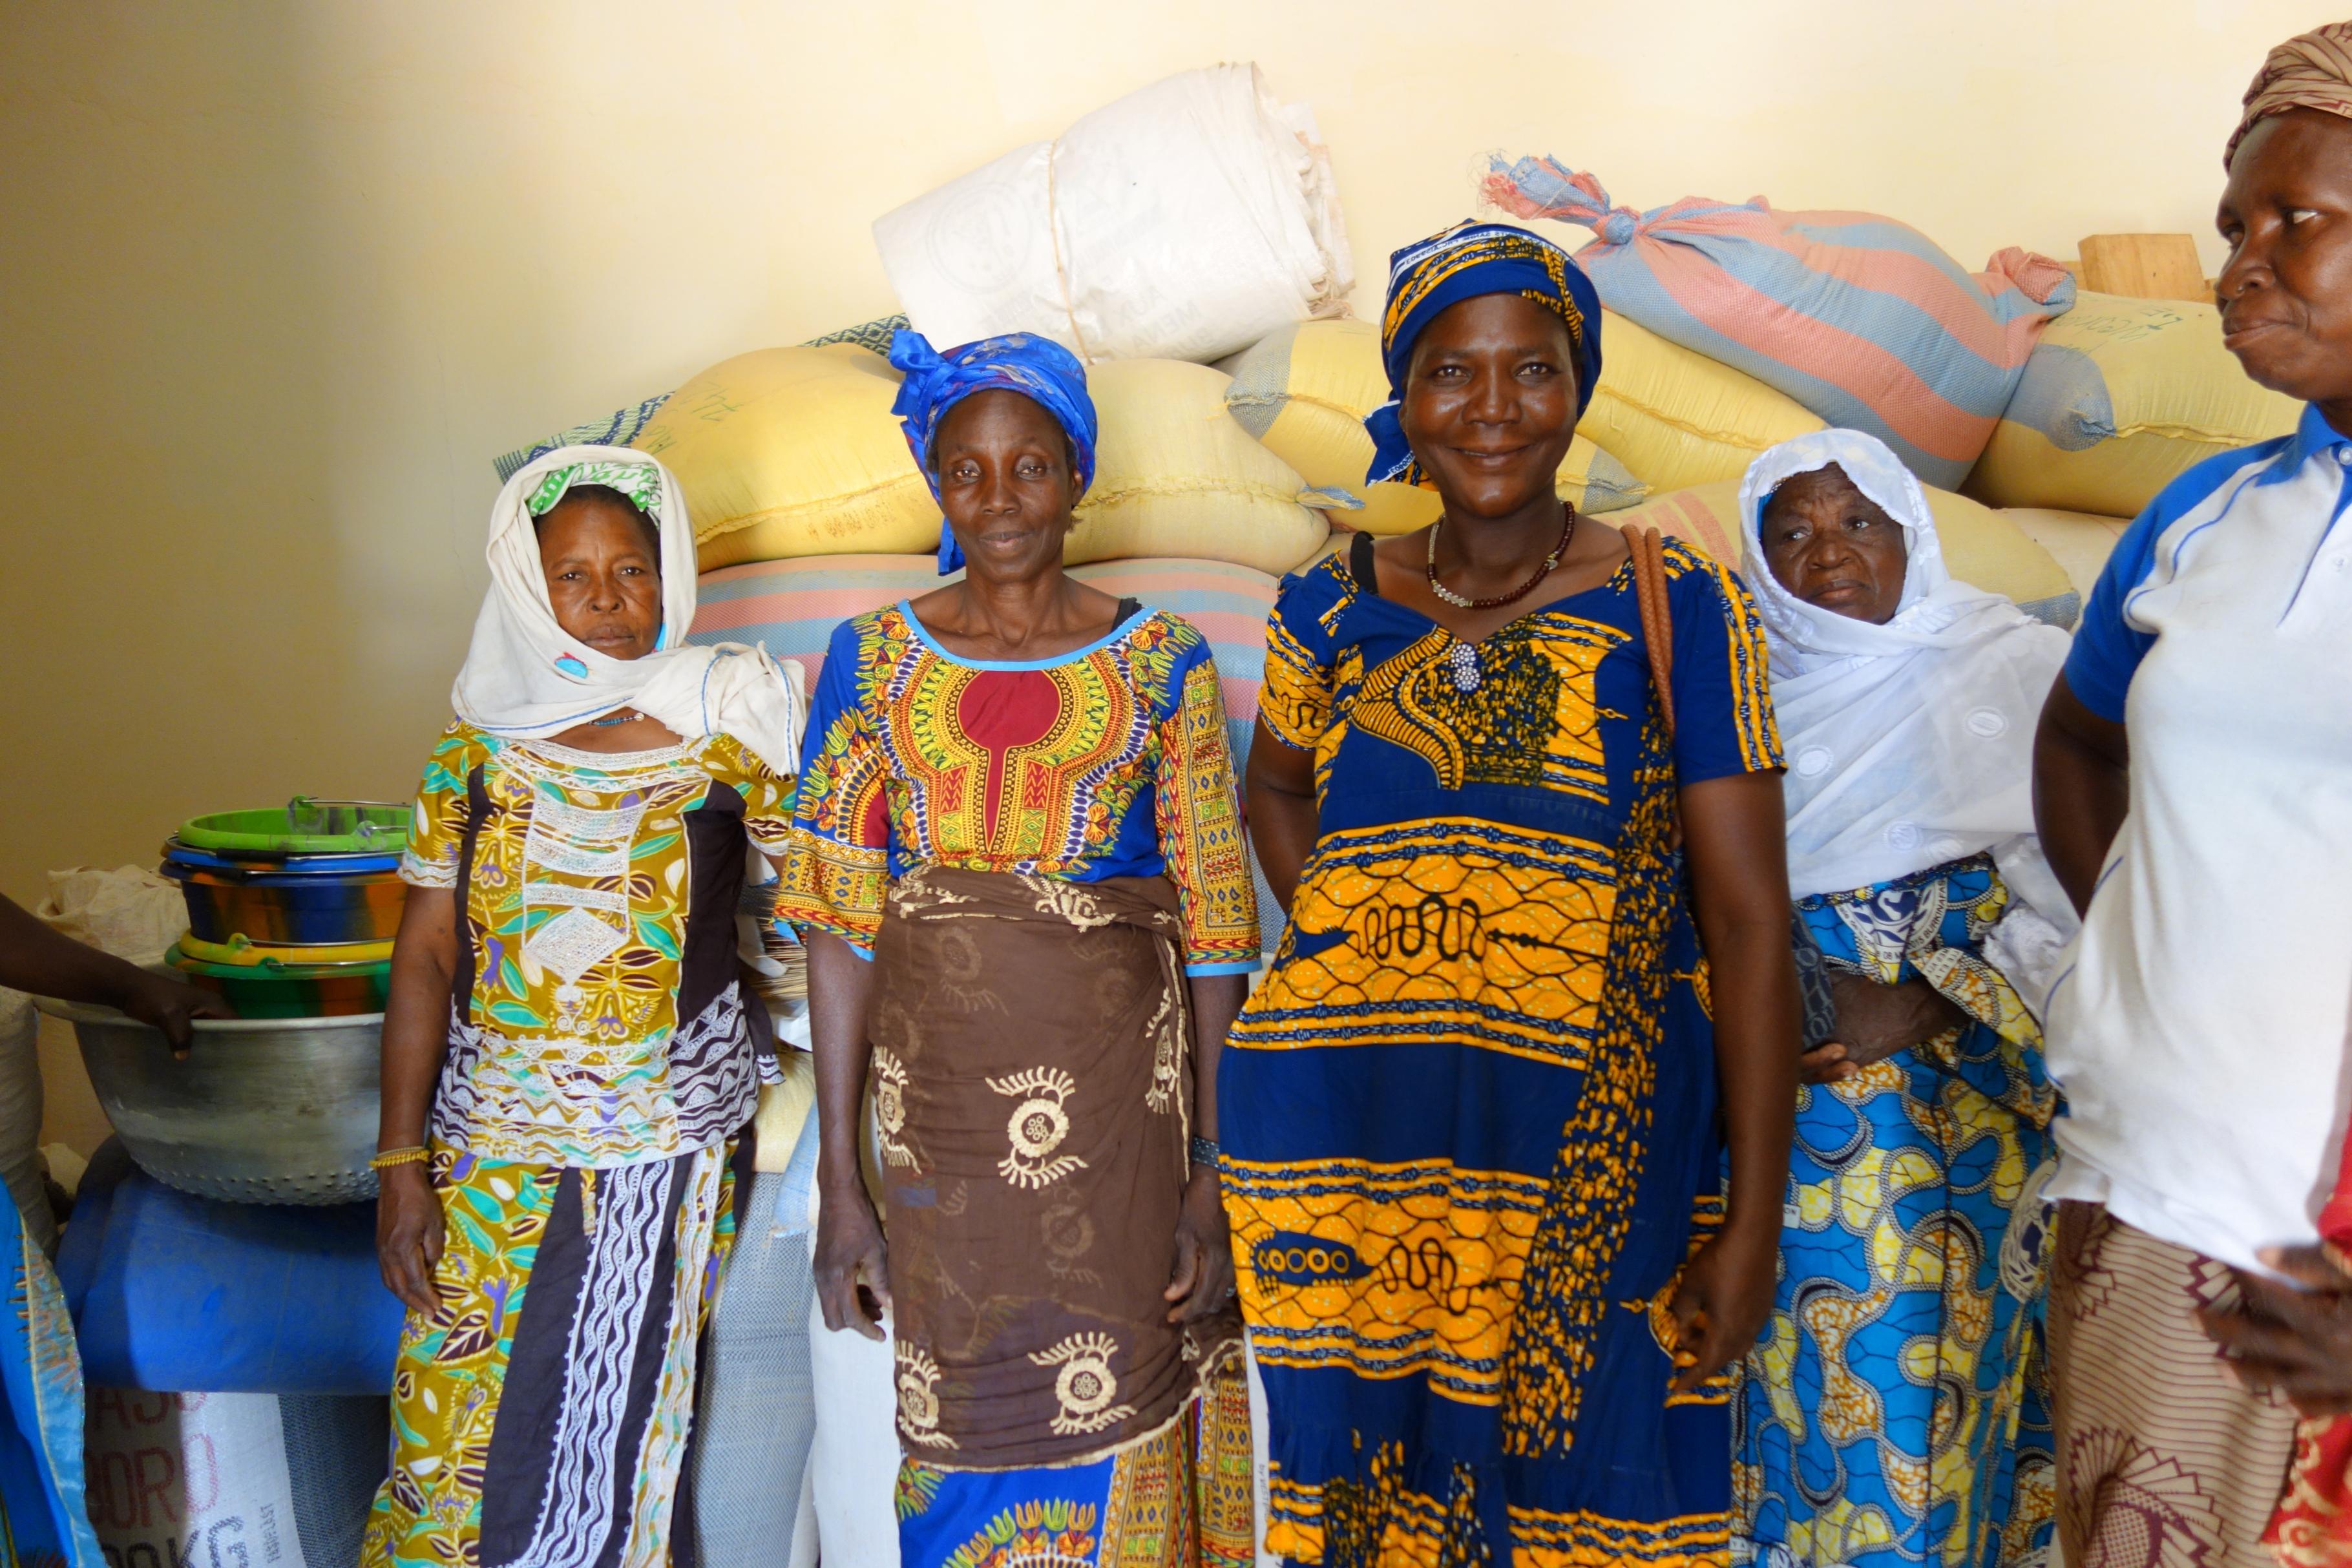 Mitglieder von Kooperativen in Burkina Faso